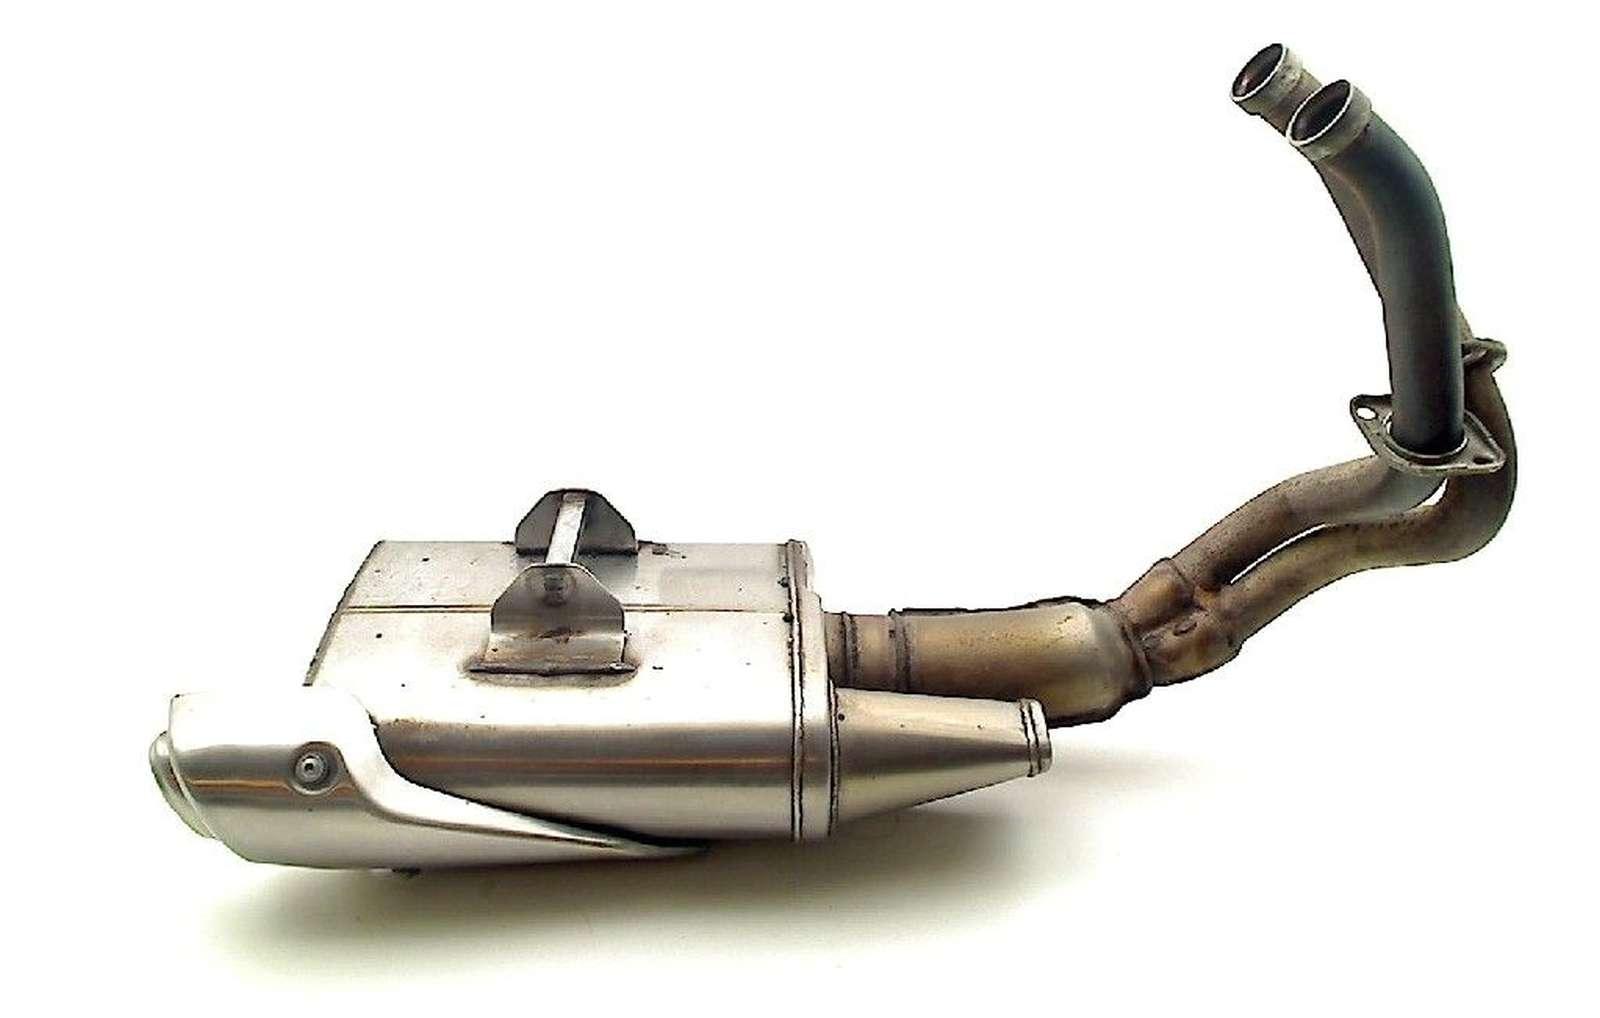 Katalizator KHIM182/METAL/MOTOR